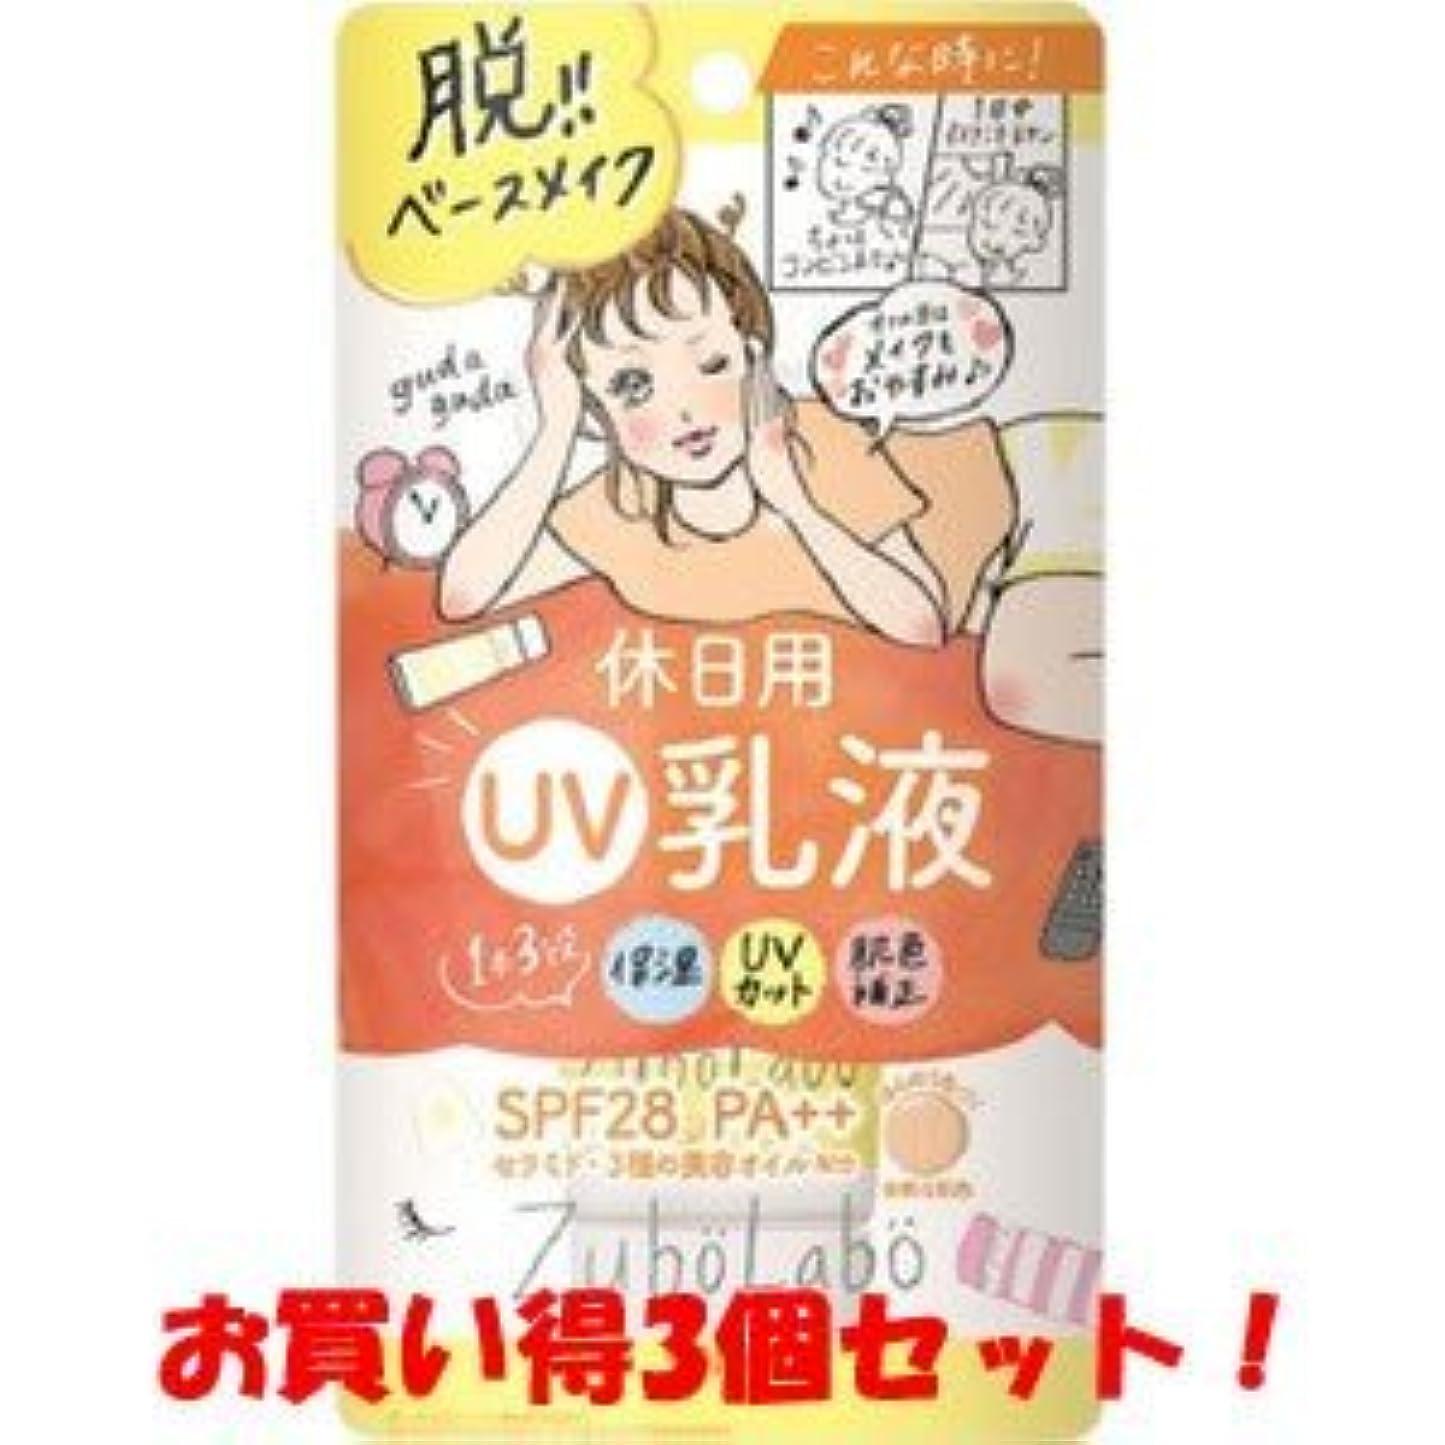 エキゾチックどちらか申請者サナ(SANA)ズボラボ 休日用乳液 UV 60g/新商品/(お買い得3個セット)